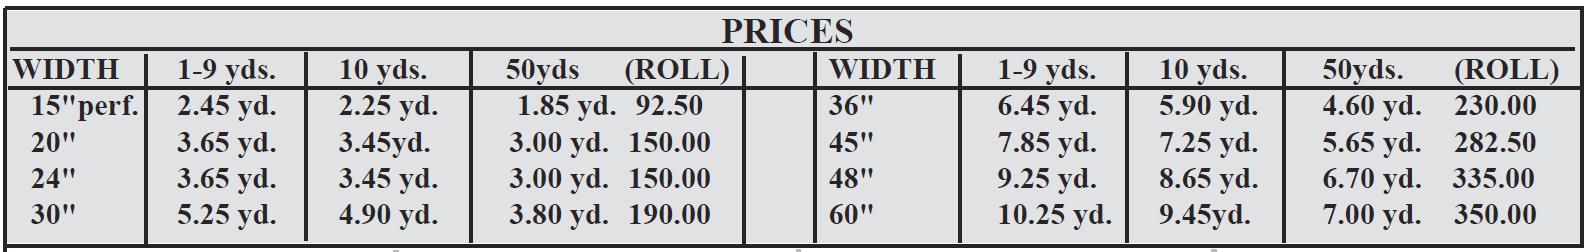 cc500 prices - Gloss 3 mil intermediate perm. vinyl - 5 yr. exterior